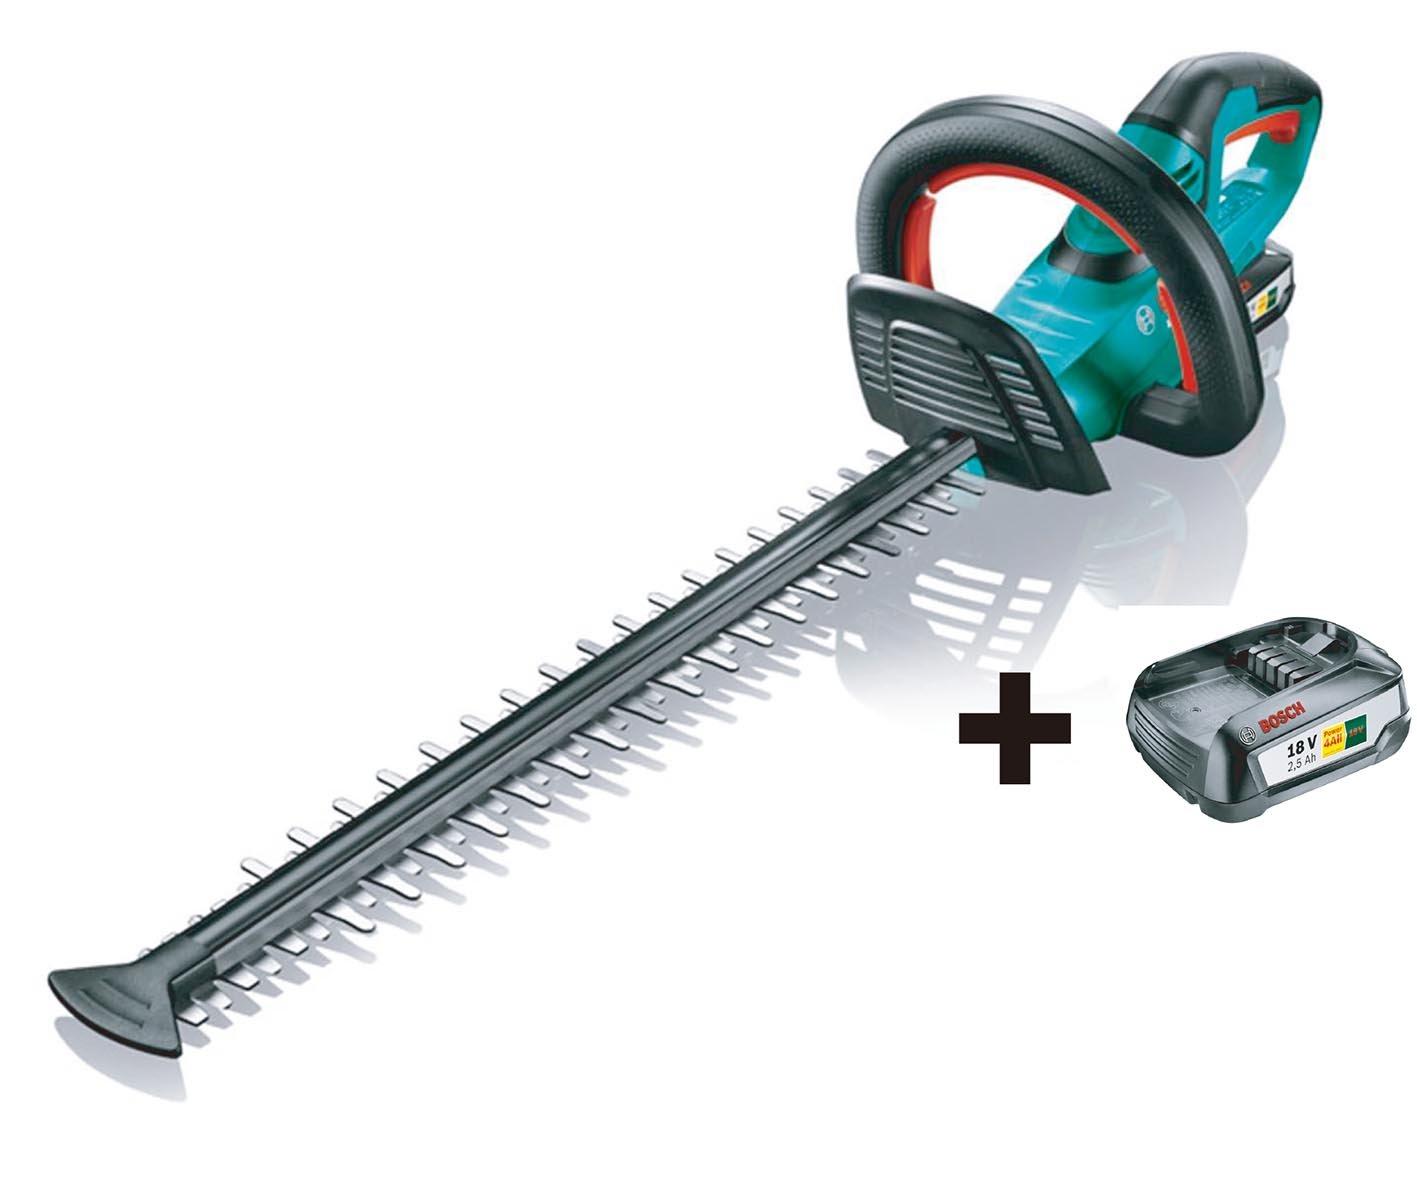 ボッシュ(BOSCH)コードレスヘッジトリマー特別セット(バッテリー2個付き) AHS50-20LIJ